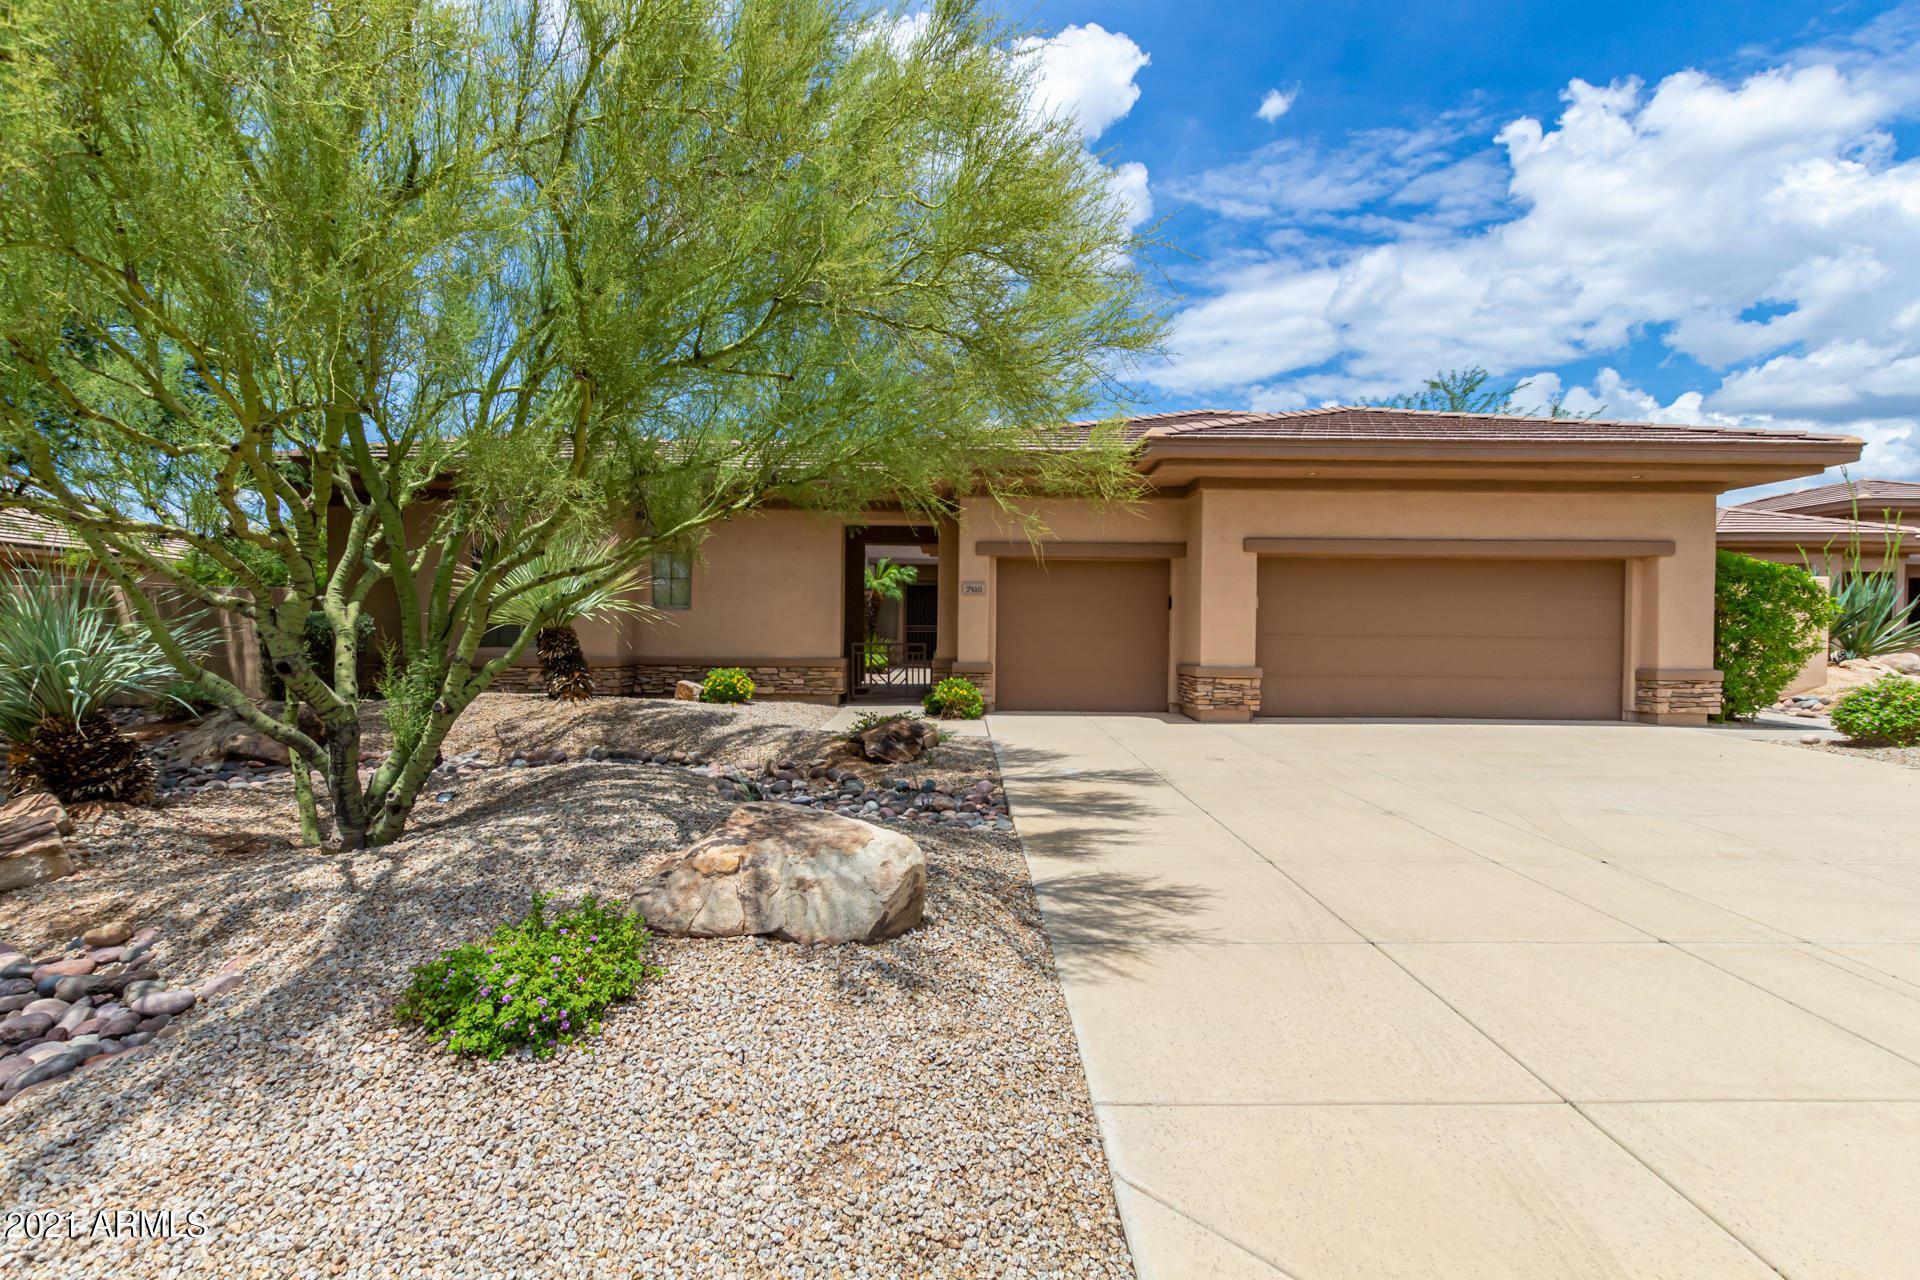 7510 E VISAO Drive, Scottsdale, AZ 85266 - MLS#: 6270979